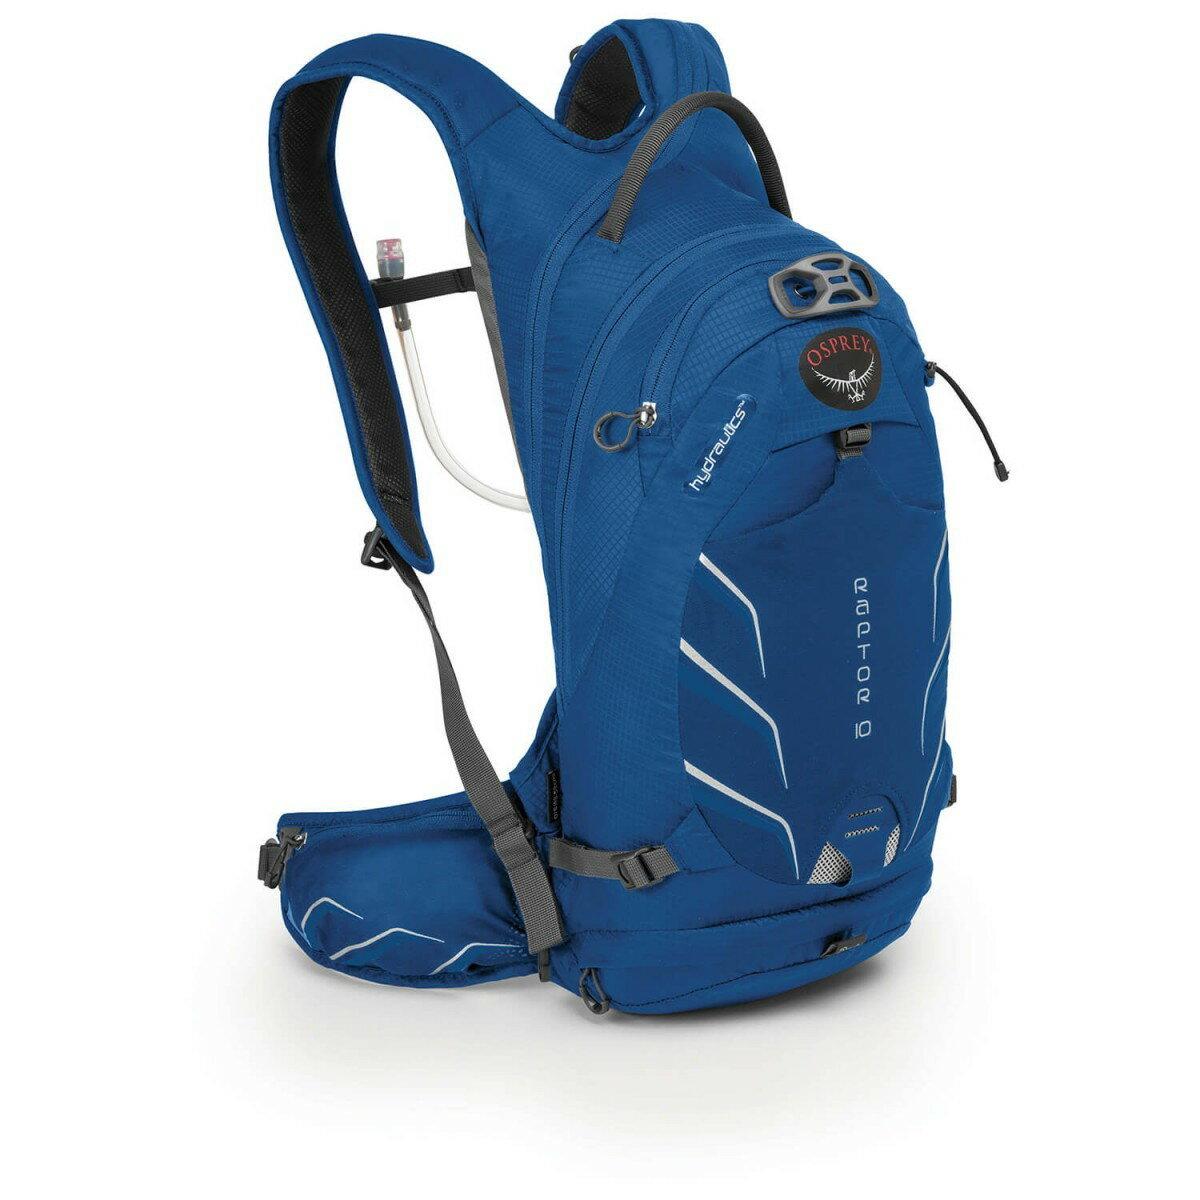 オスプレー Raptor 10(Persian Blue)★リュック・バックパック・登山・山歩・トレッキング★